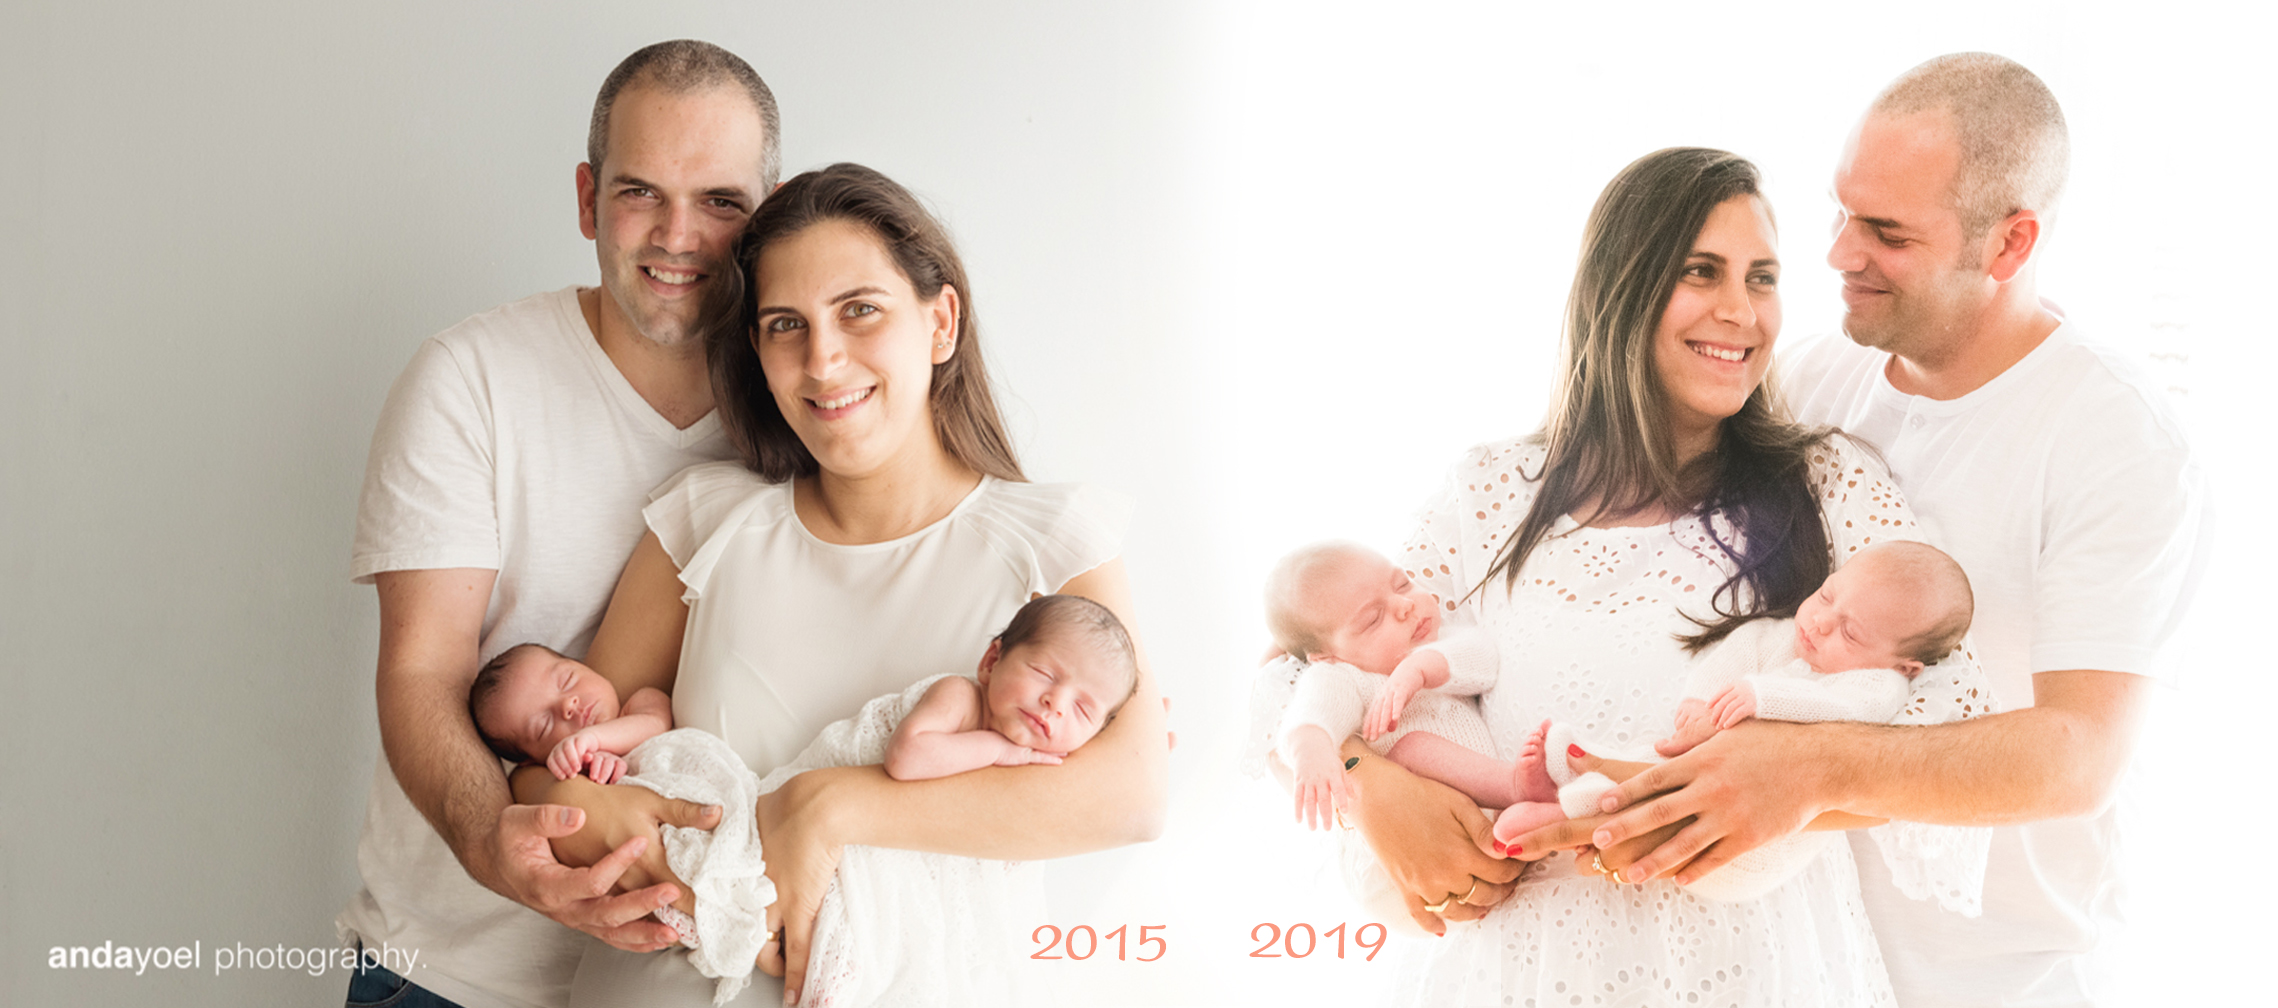 צילומי ניובורן תאומים 2015 ו 2019 - משפחת באשי פולישוק - אנדה יואל